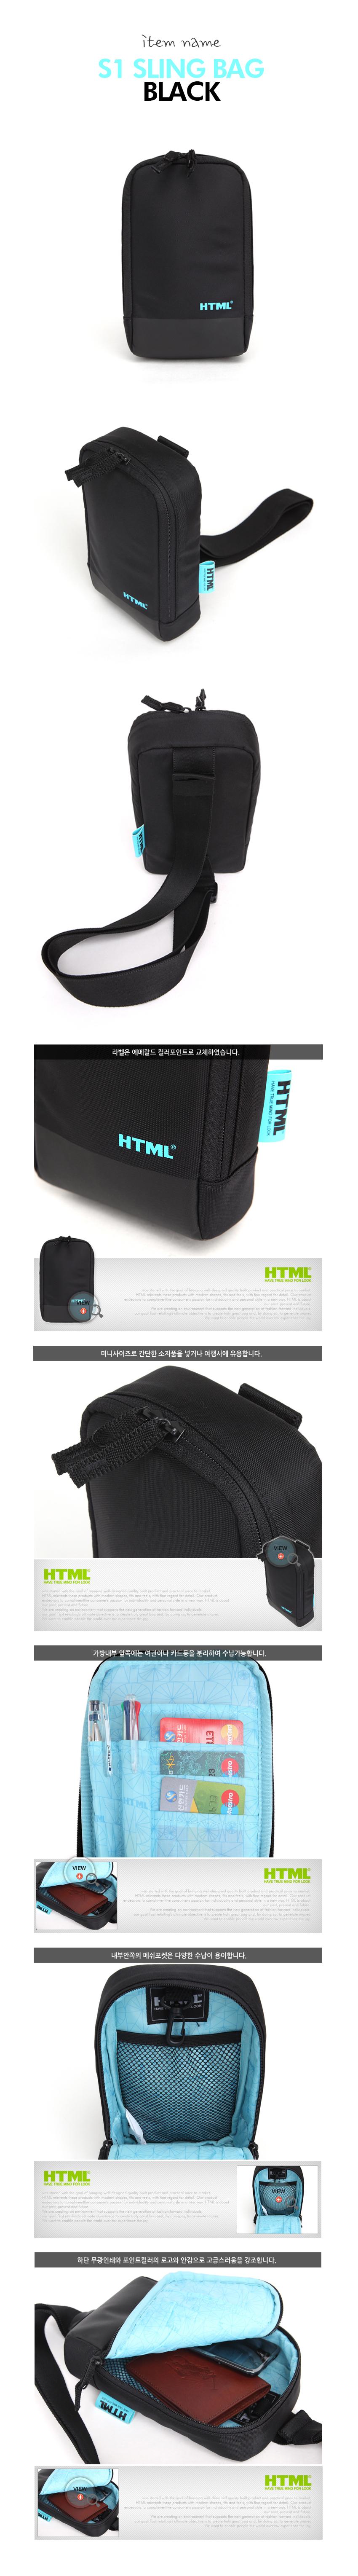 HTML - S1 Slingbag (Red)